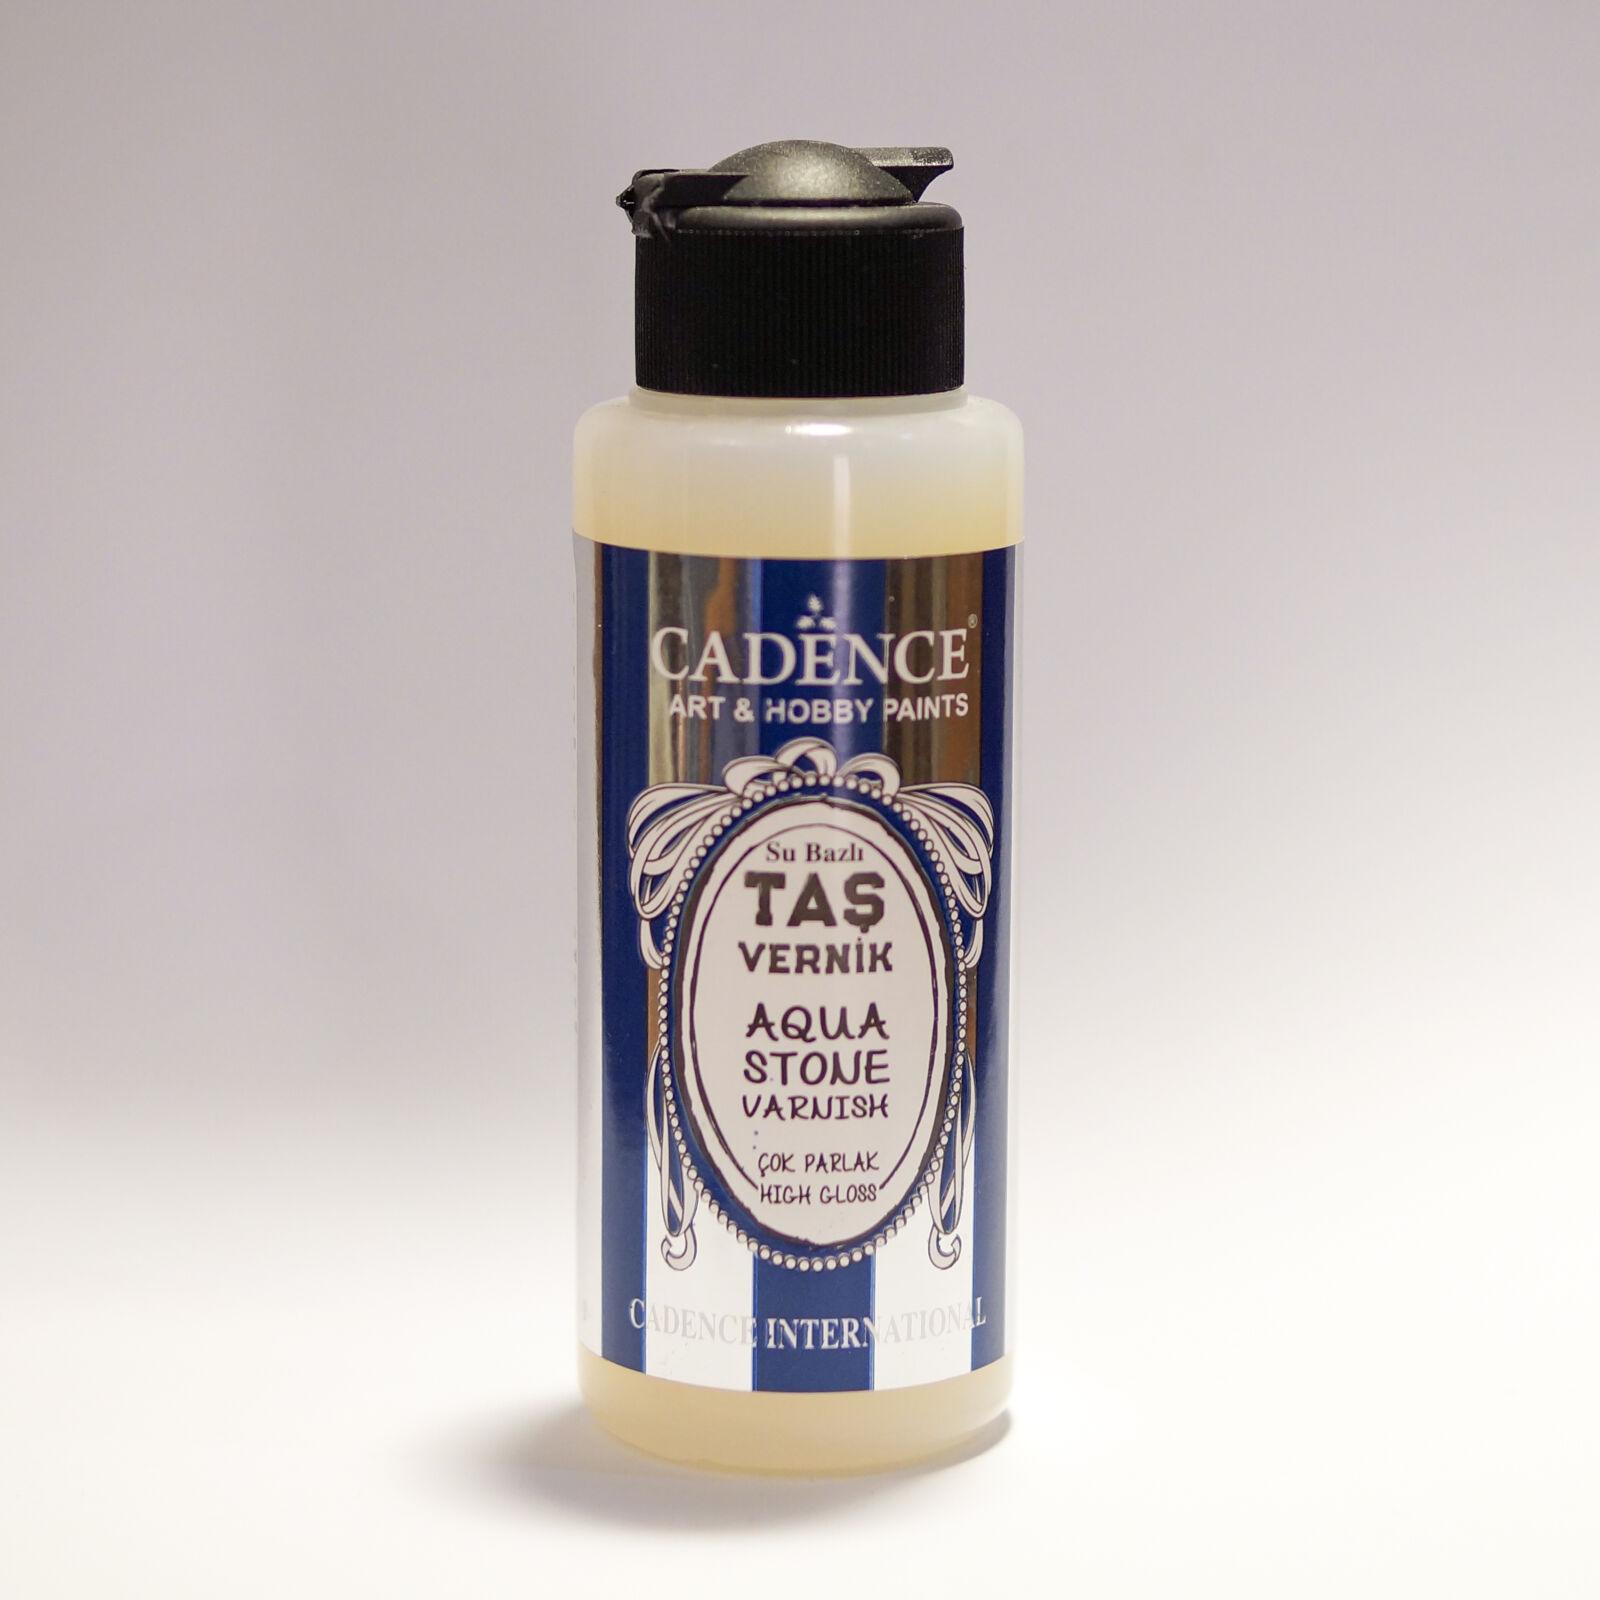 TAS Aqua Stone Varnish [120 ml]